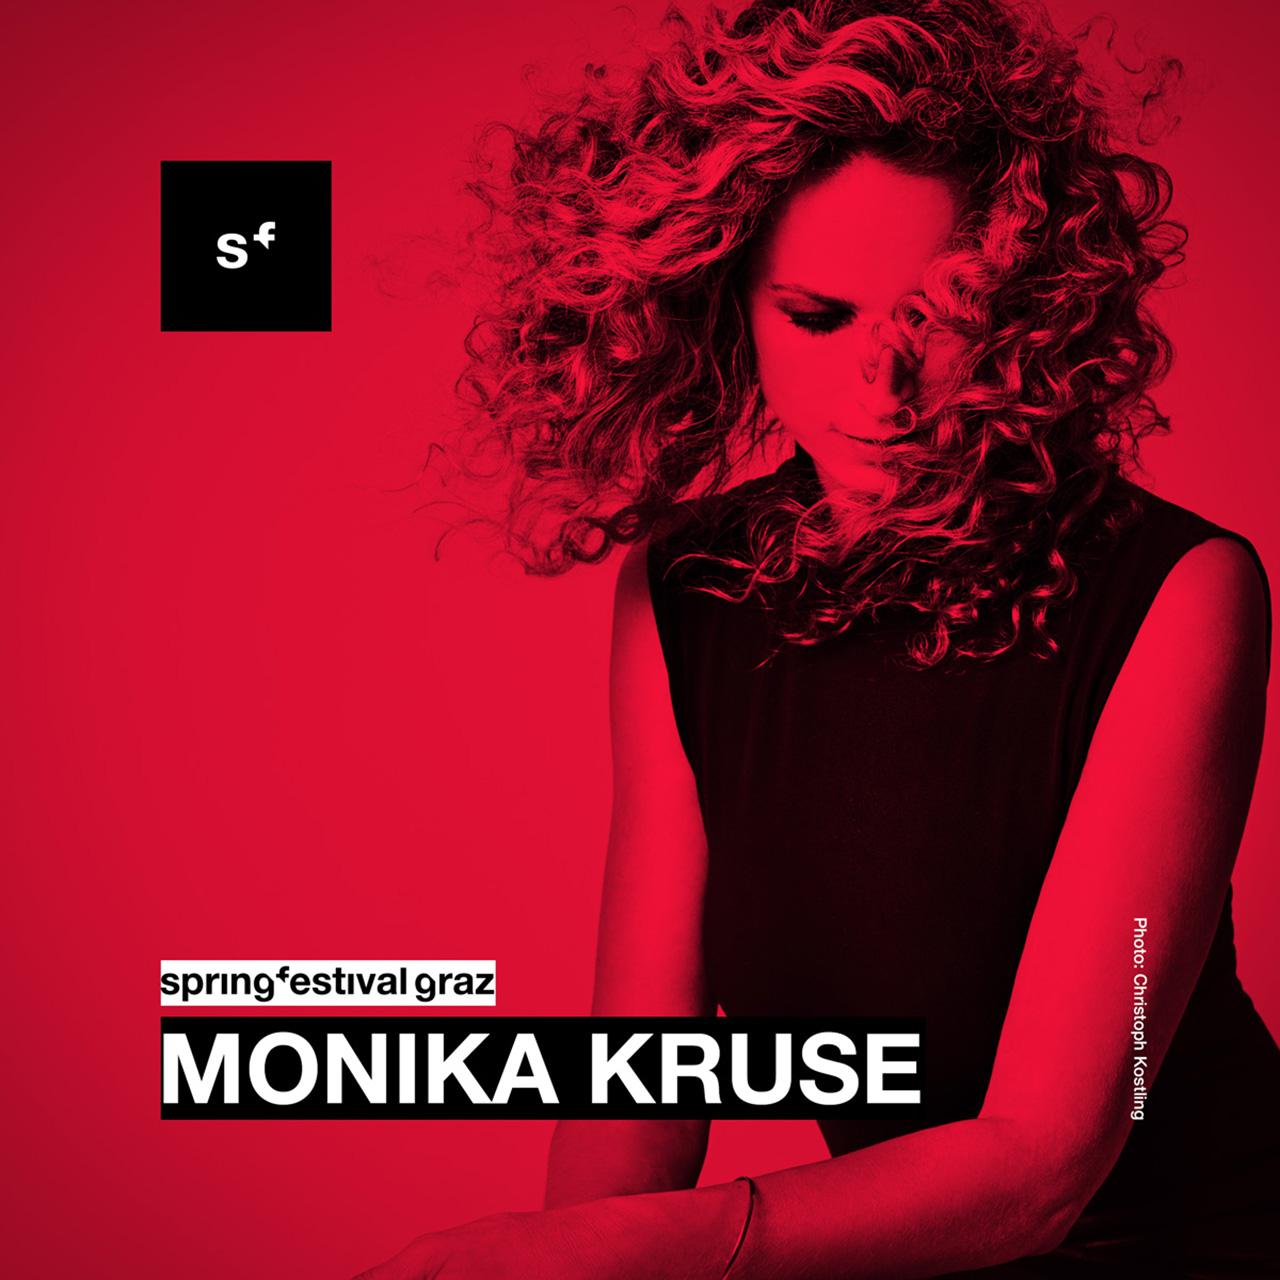 Monika Kruse springfestival